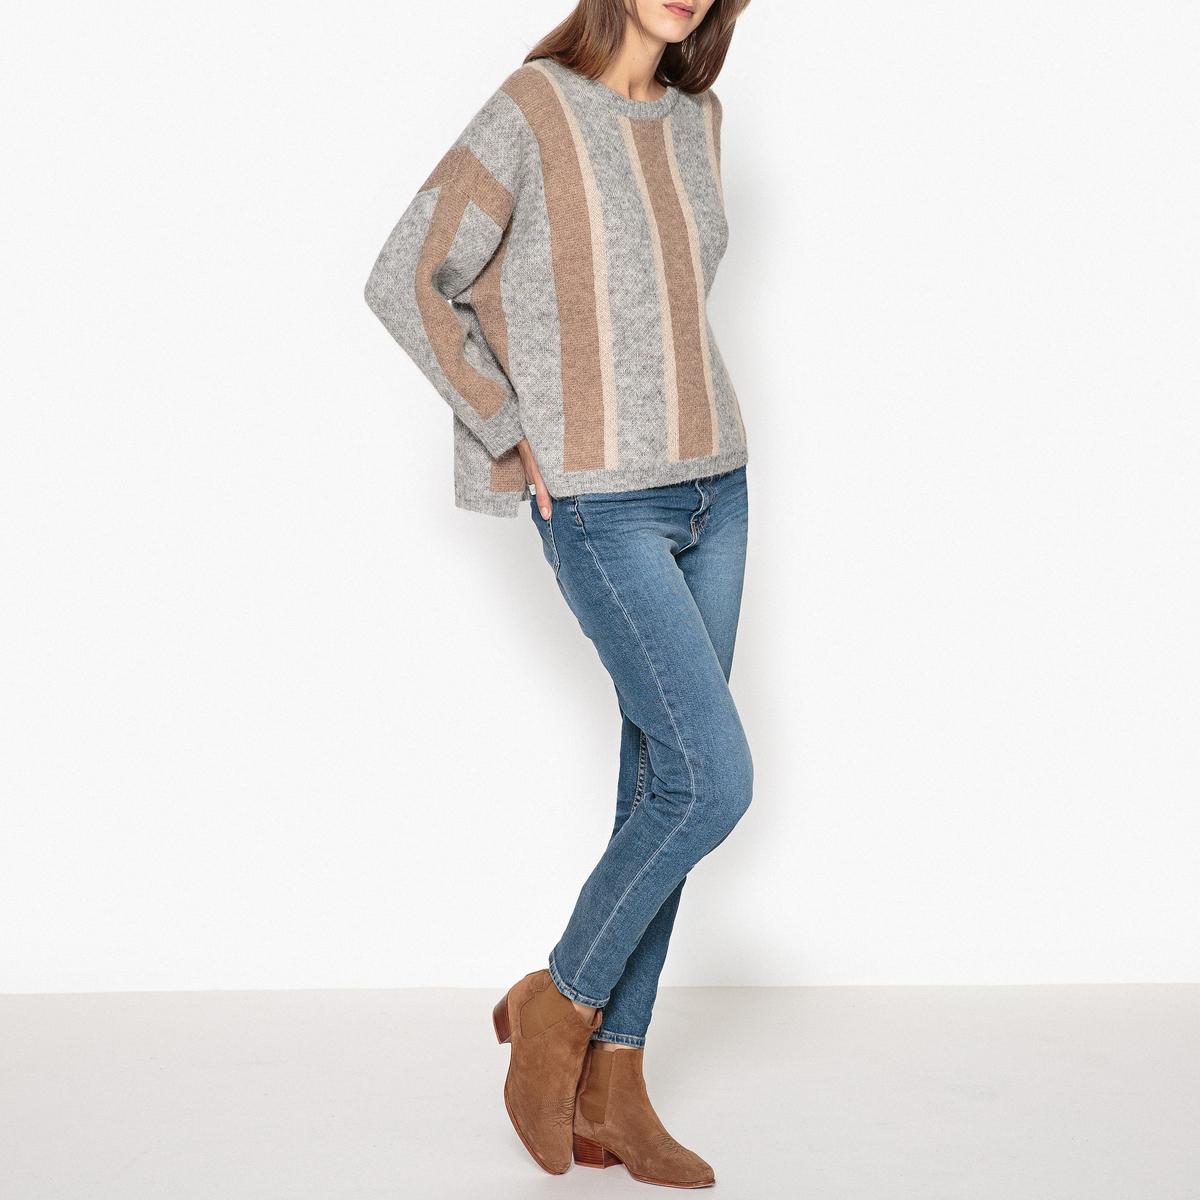 Пуловер свободный CAMPEURСвободный пуловер PAUL AND JOE SISTER - модель CAMPEUR с рисунком в вертикальную полоску и удлиненной спинкой.Детали •  Длинные рукава •  Круглый вырез •  Тонкий трикотажСостав и уход •  55% альпаки, 45% полиамида •  Следуйте советам по уходу, указанным на этикетке •  Разрезы по бокам<br><br>Цвет: серый